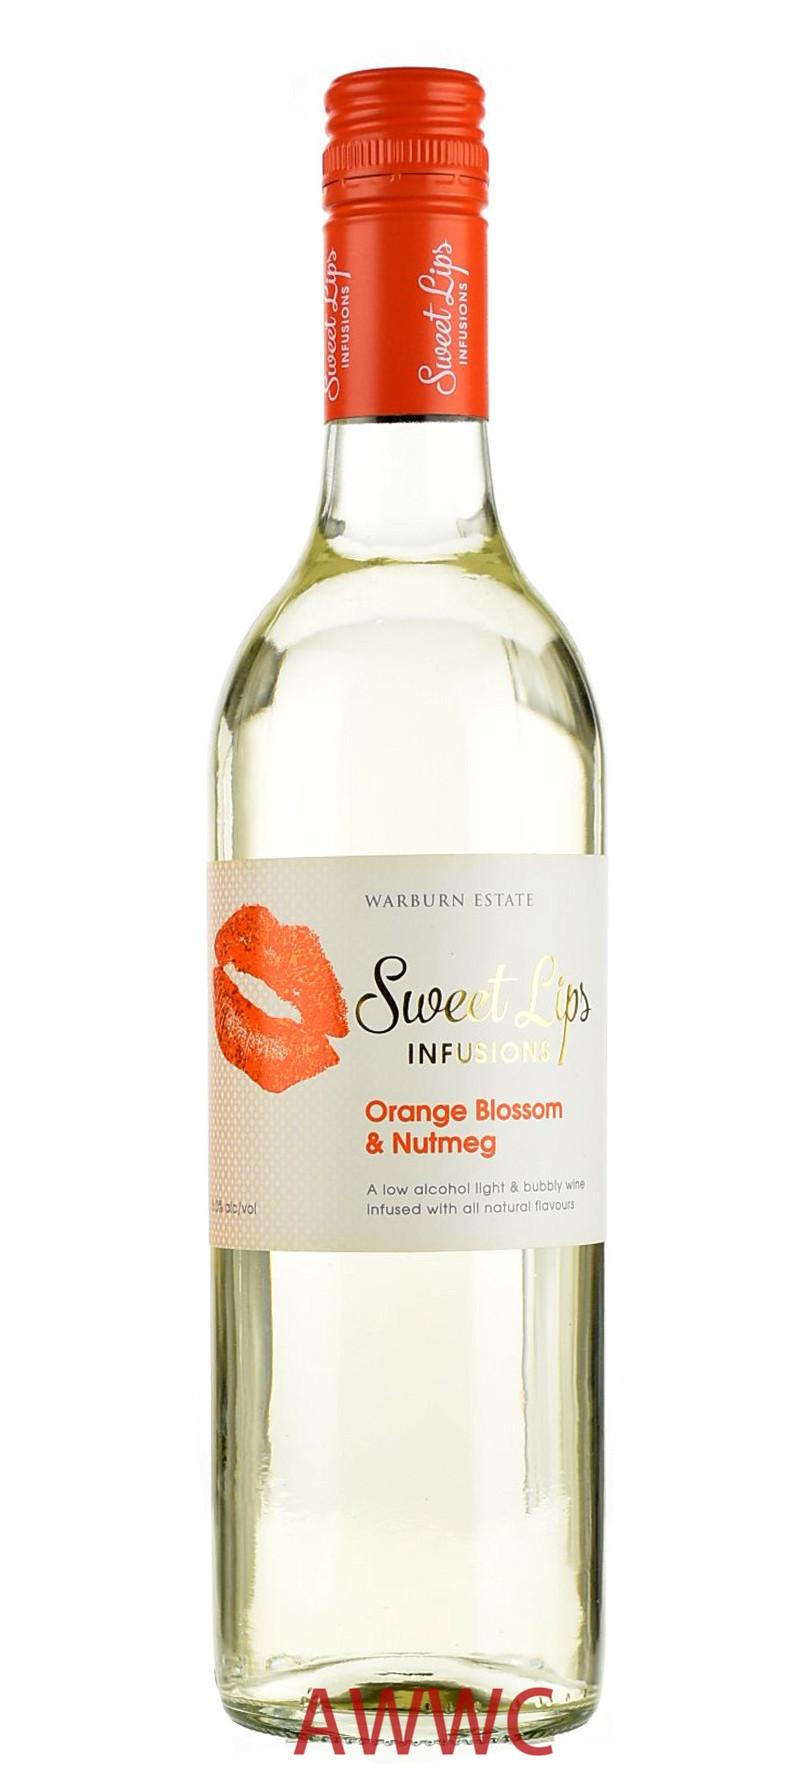 甜蜜之唇Infusions Orange Blossom  Nutmeg   NV